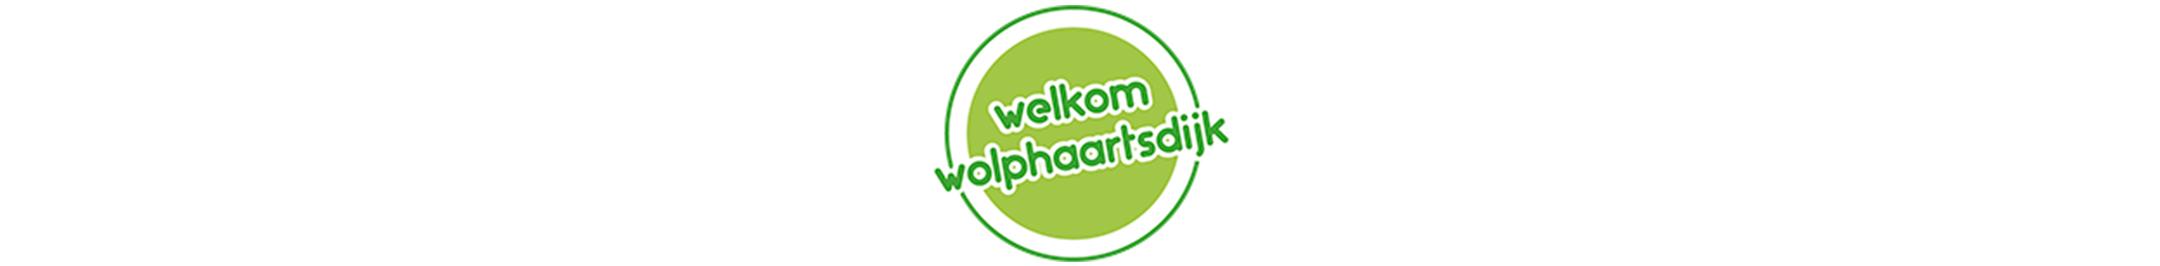 Welkom bij Wolphaartsdijk